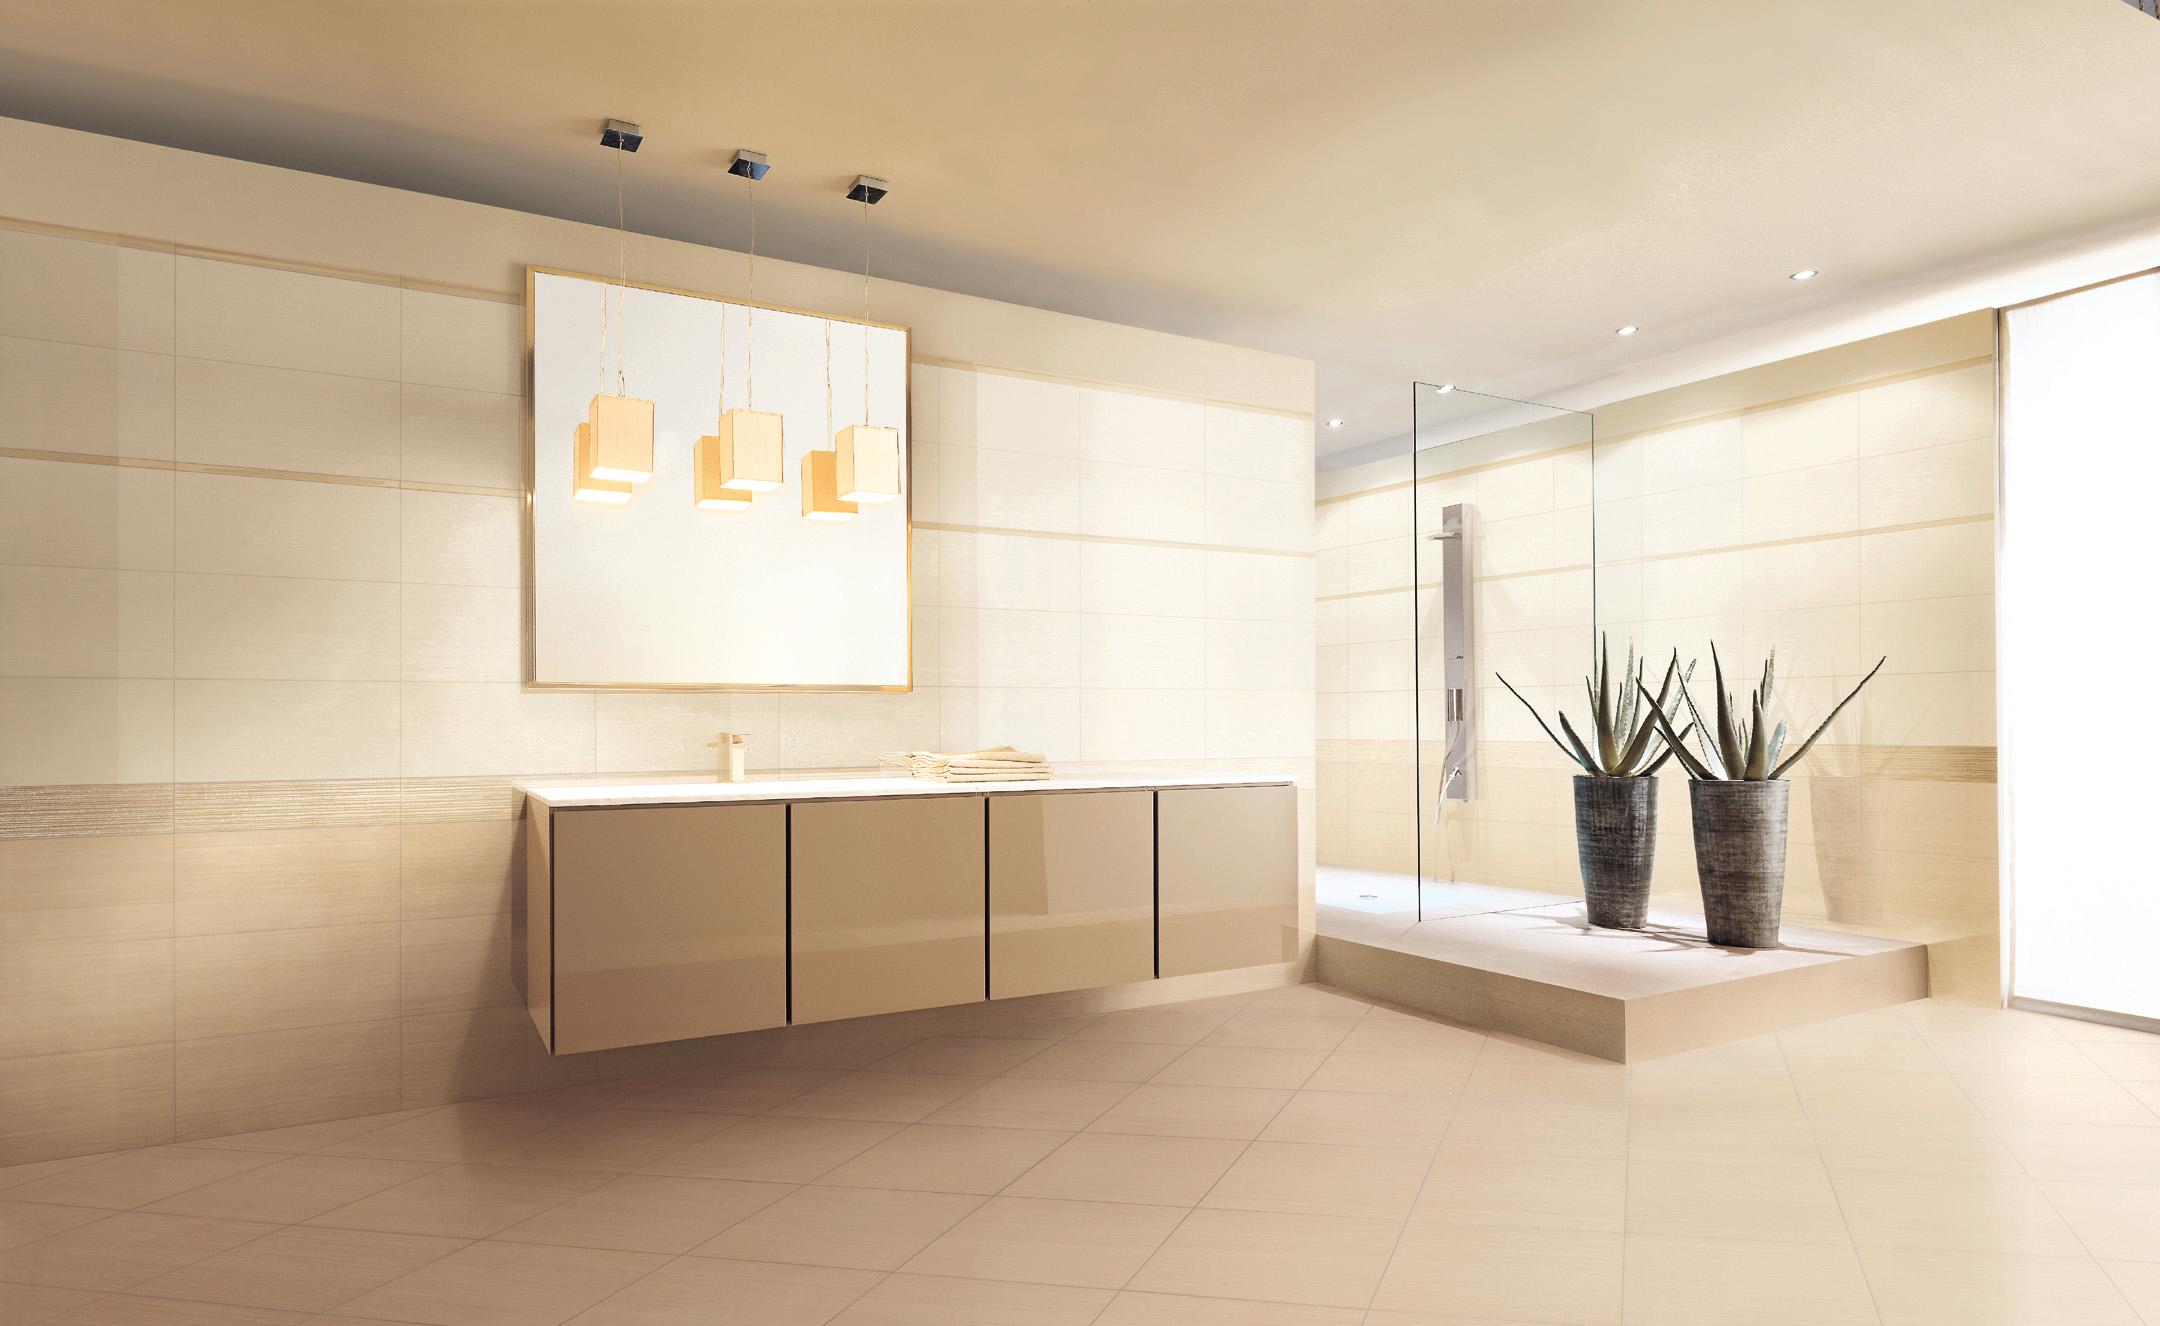 Piastrelle pavimento rivestimento bagno valentino charme avorio beige marrone ebay - Bagno marrone e beige ...